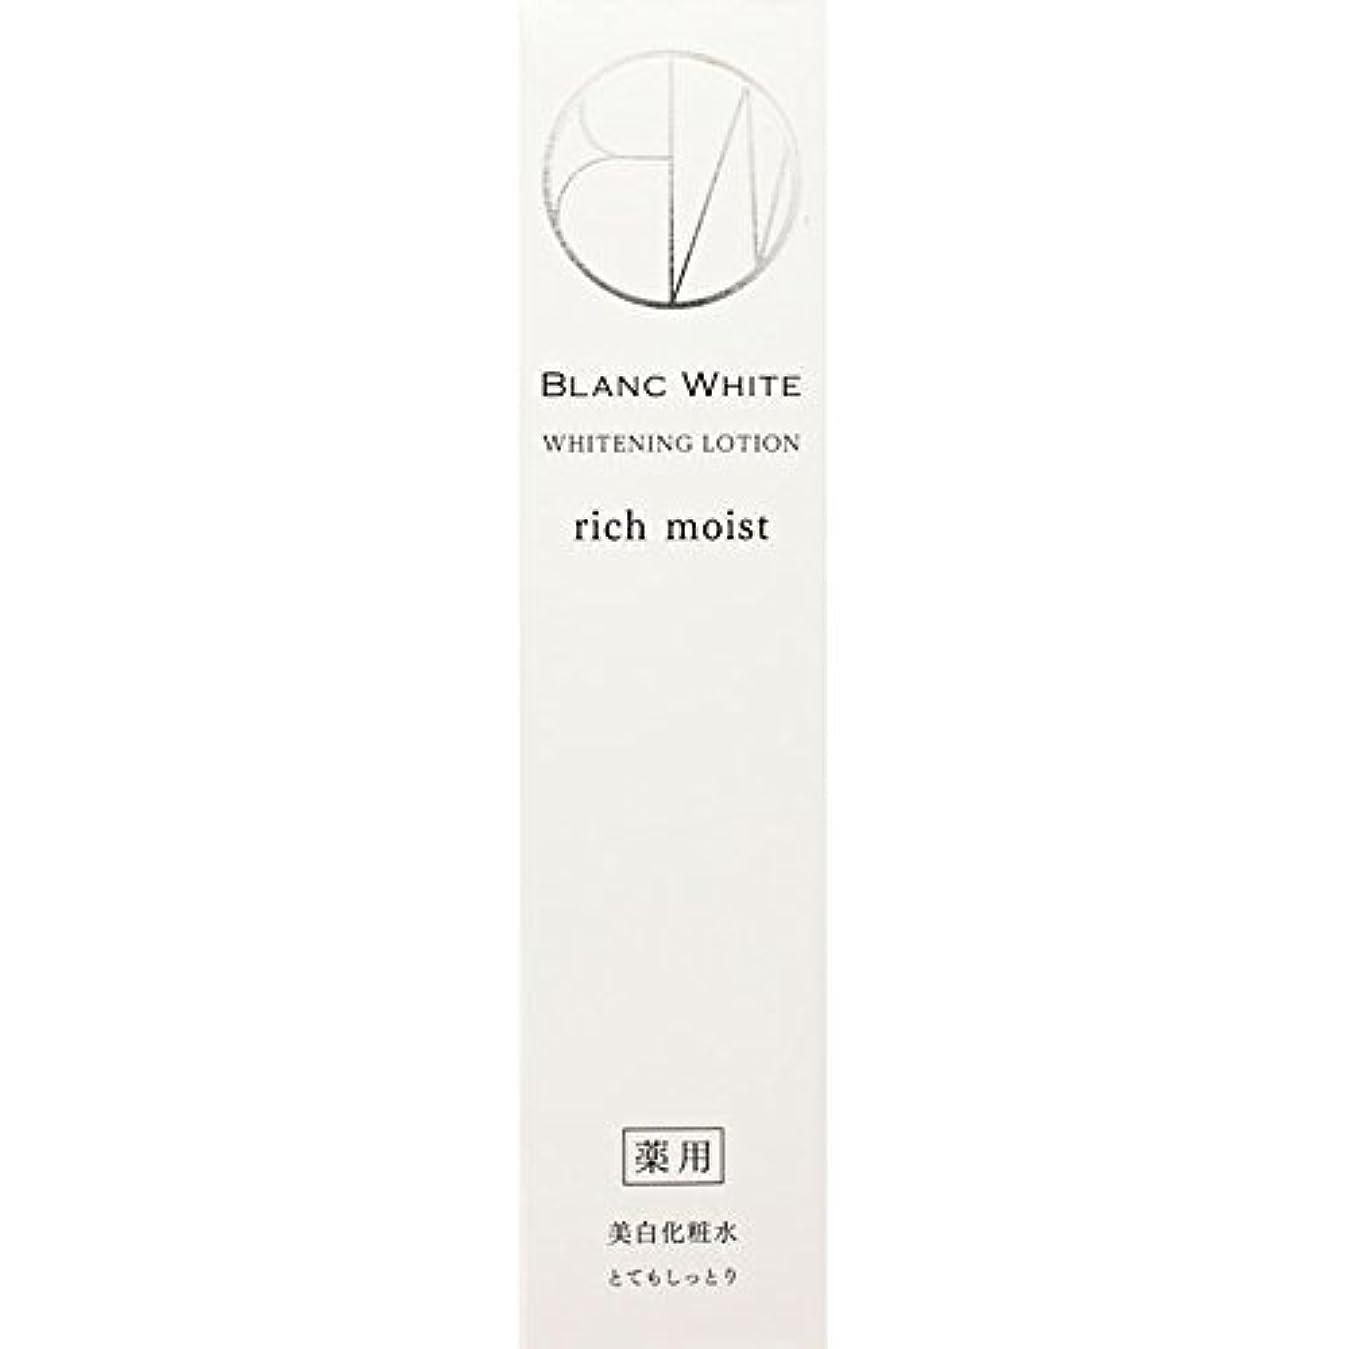 流産いいねメンタルブランホワイト ホワイトニングローション リッチモイスト 160ml (医薬部外品)